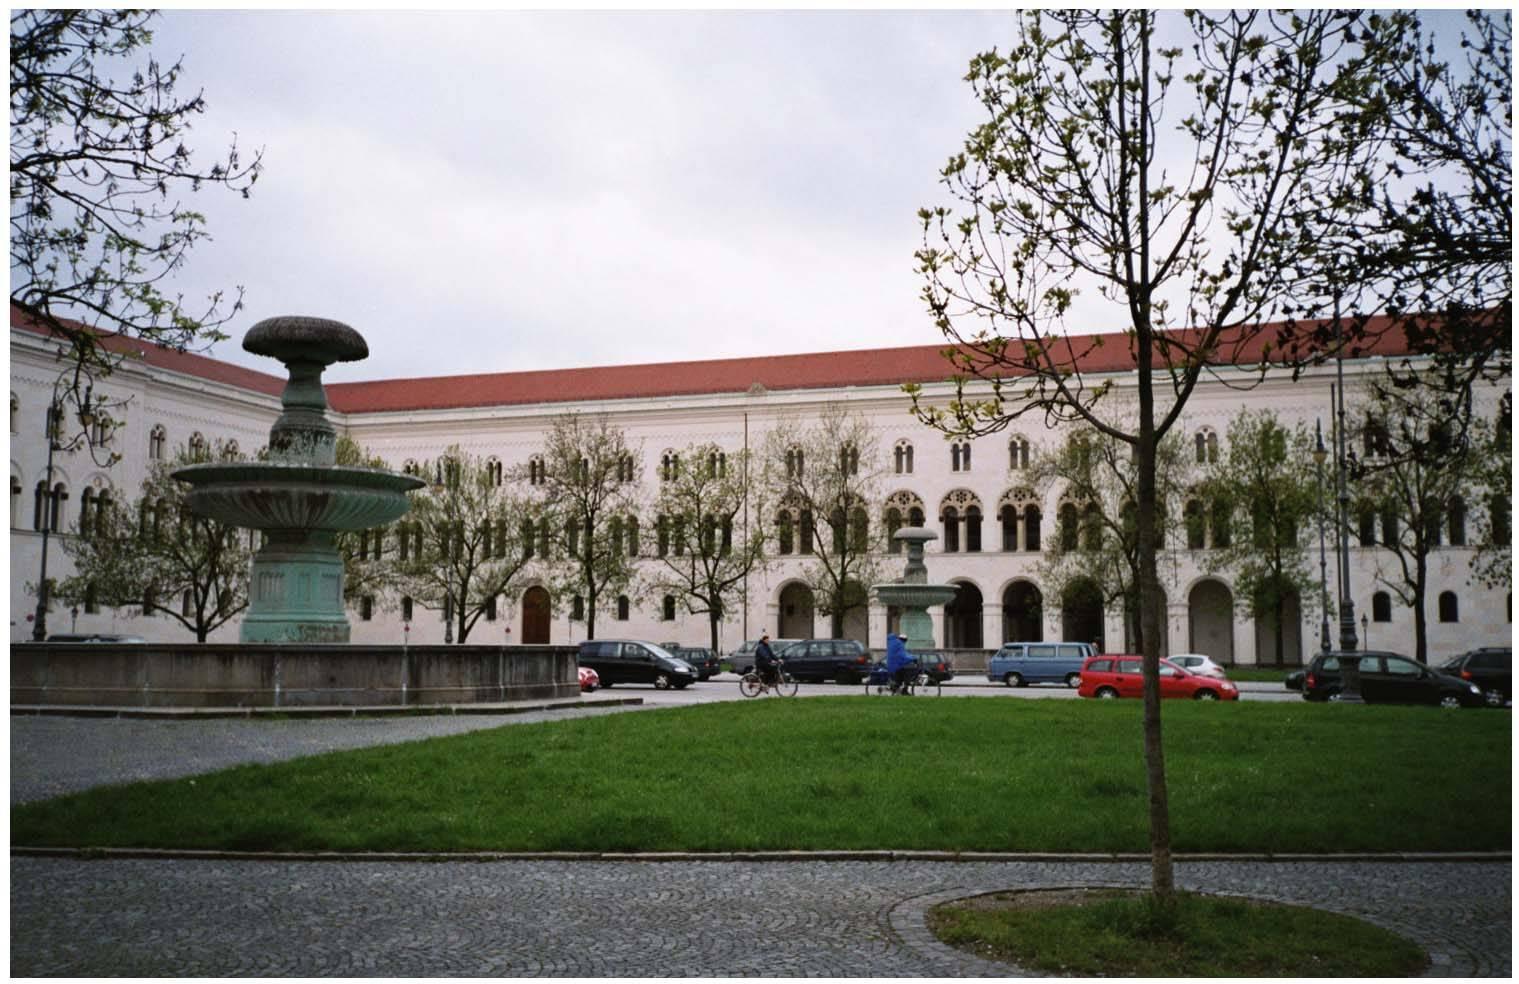 Мюнхенский университет людвига-максимилиана: описание, адрес, время работы - достопримечательности мюнхена